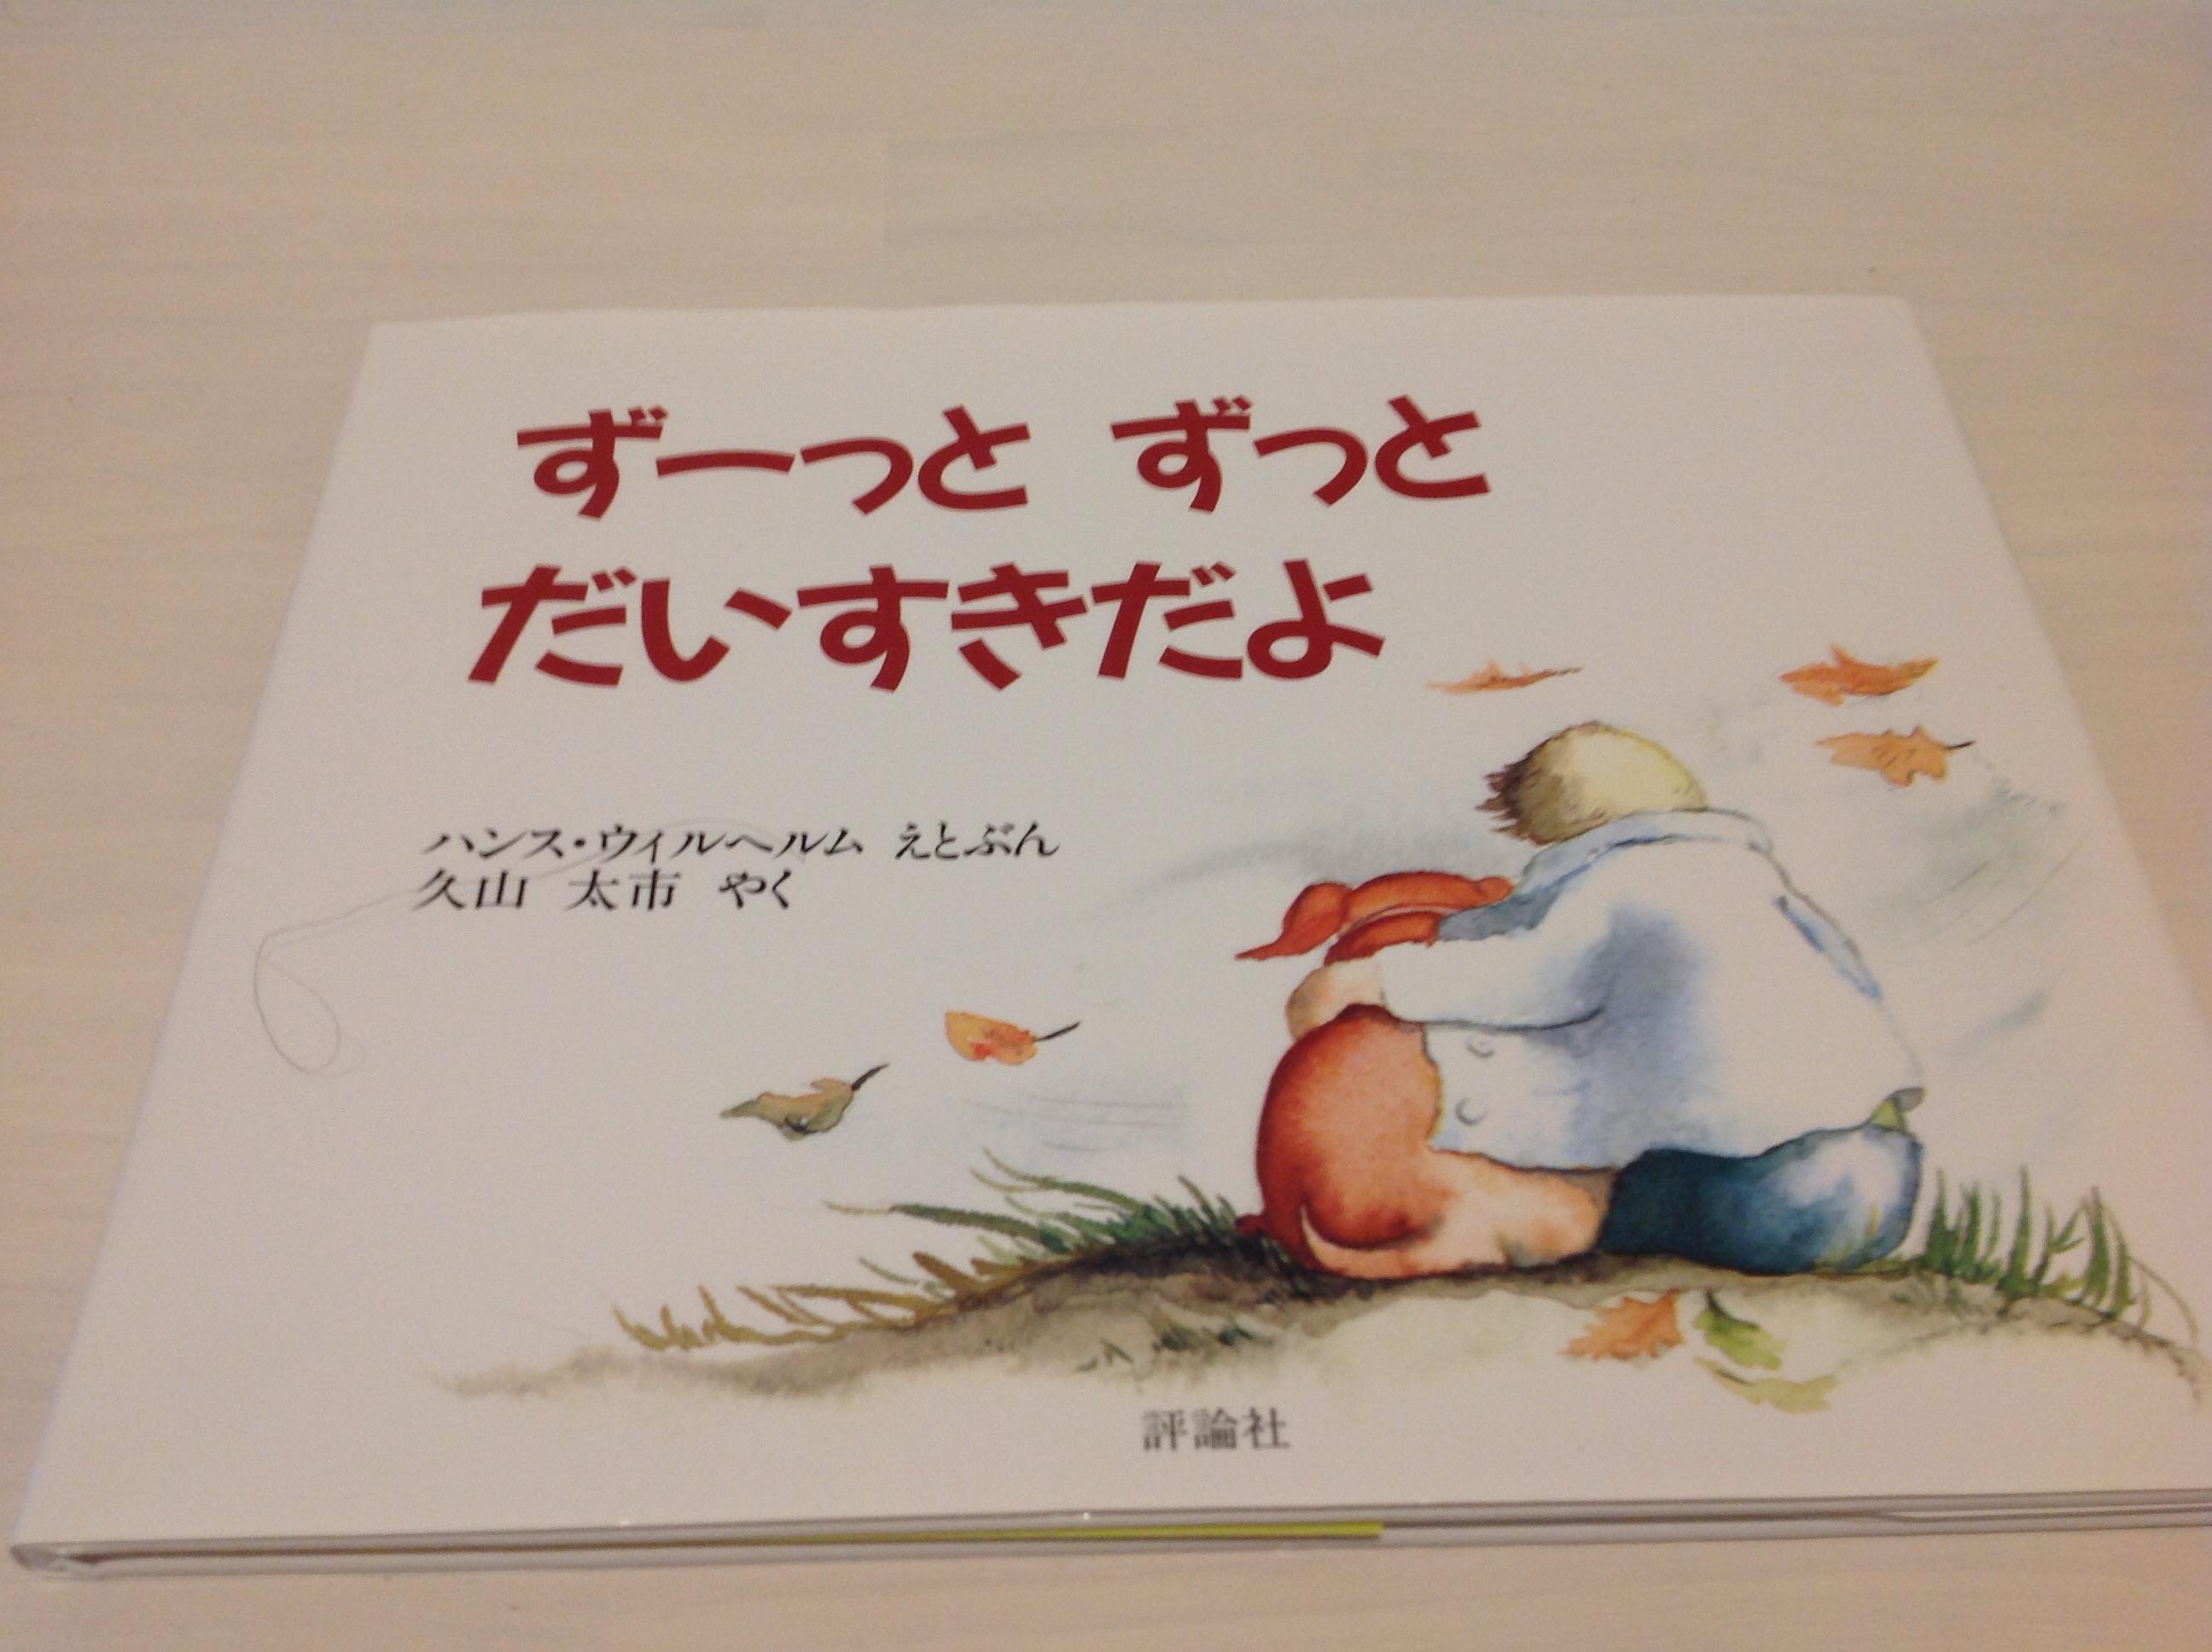 「ずーっとずっとだいすきだよ」を絵本の子育て、情操教育の第一冊目にしてみた